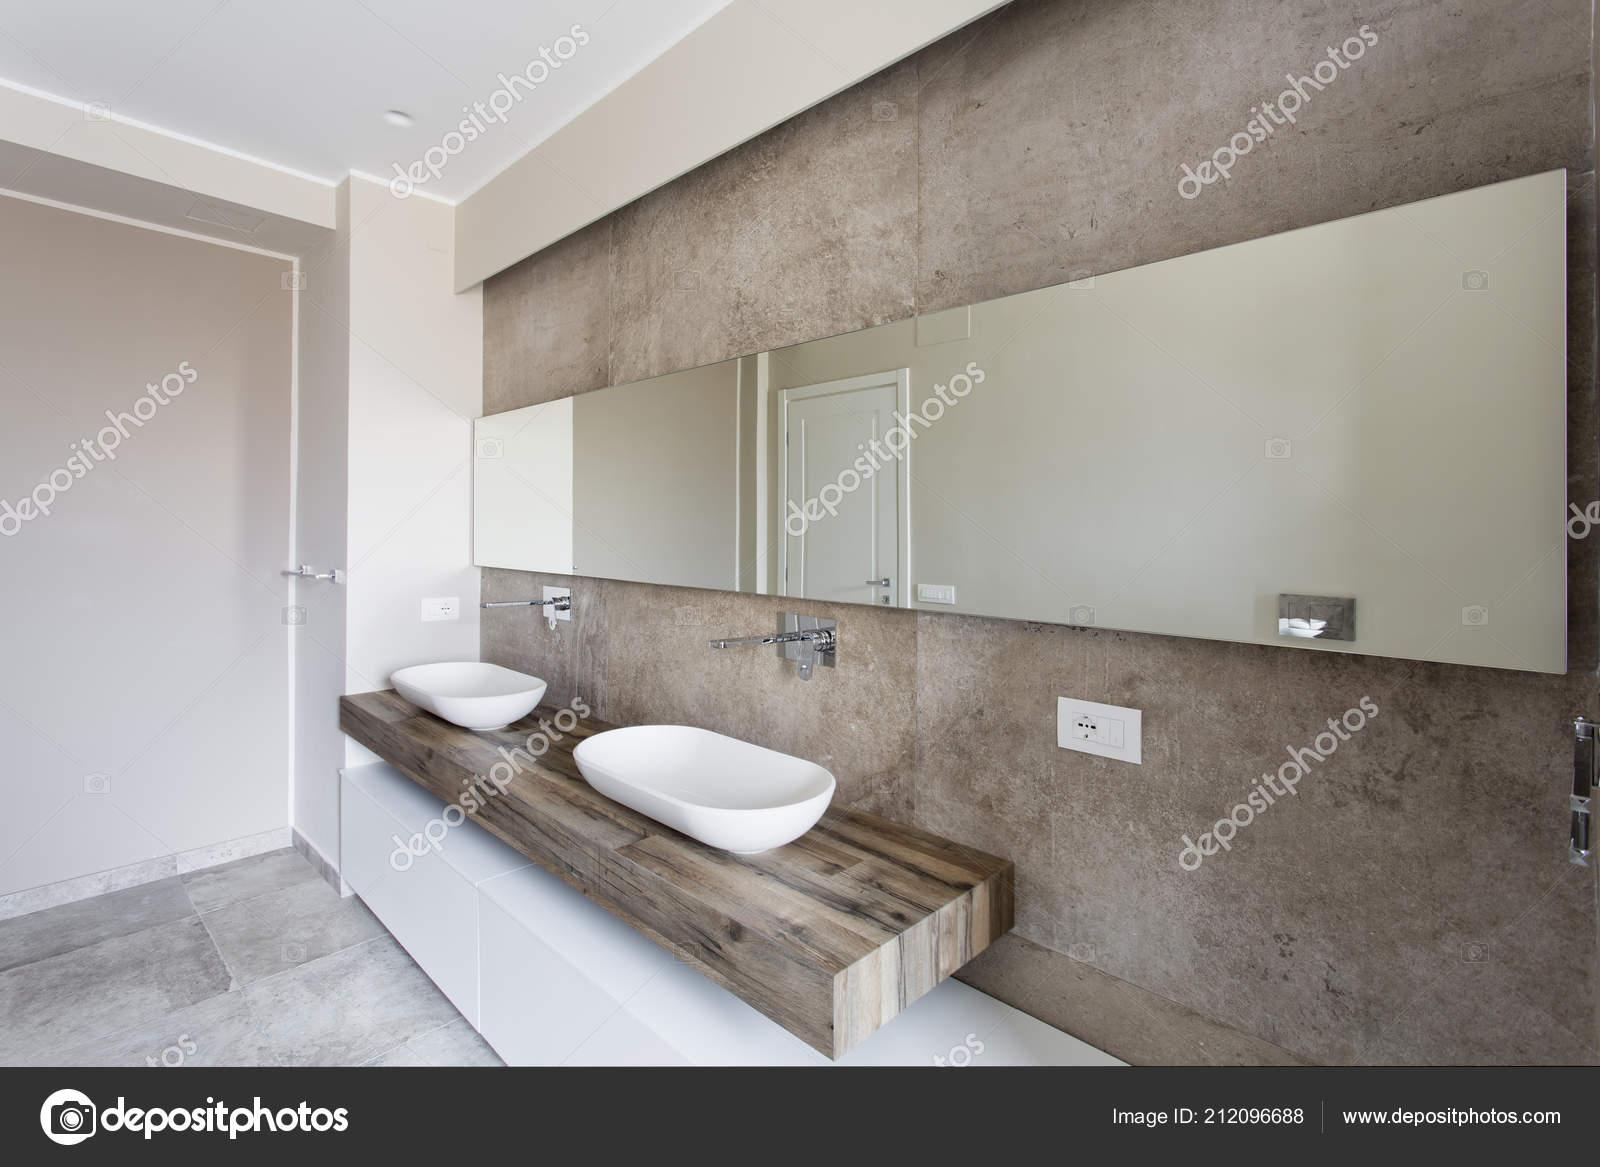 Moderne badkamer met dubbele wastafel badkamer sanitair geschorst